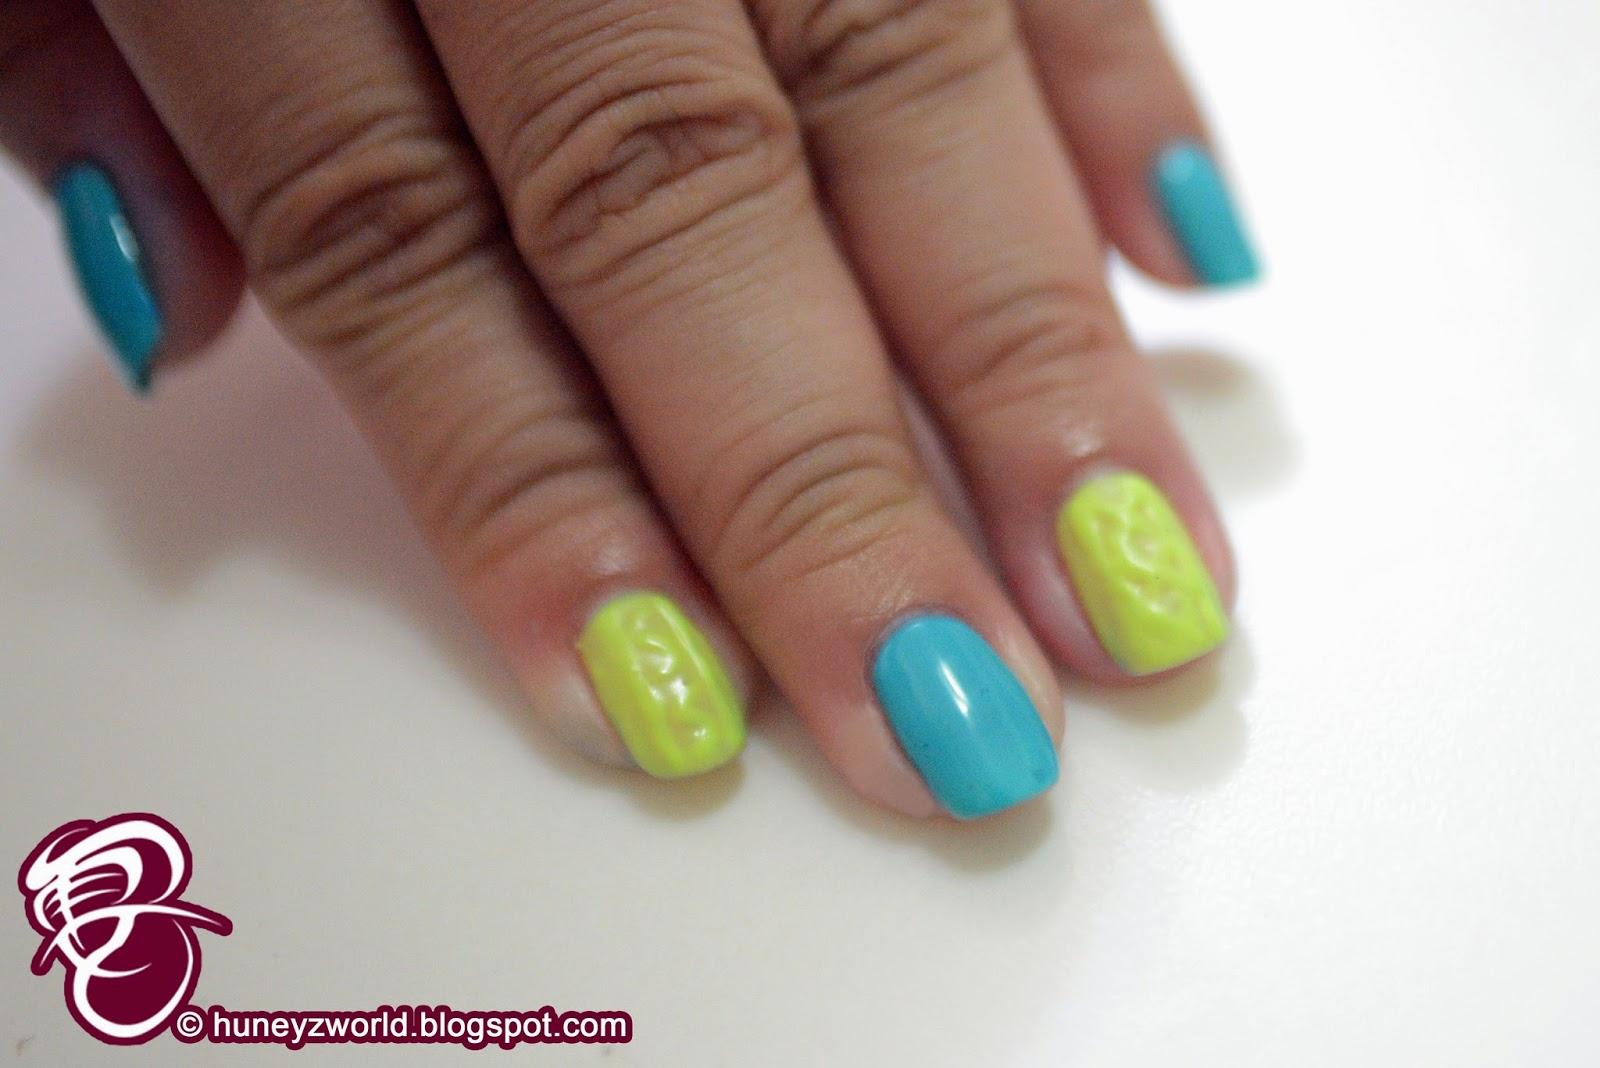 Promotion] I Got My Nails Pampered @ Tenth Nails ~ Huney\'Z World